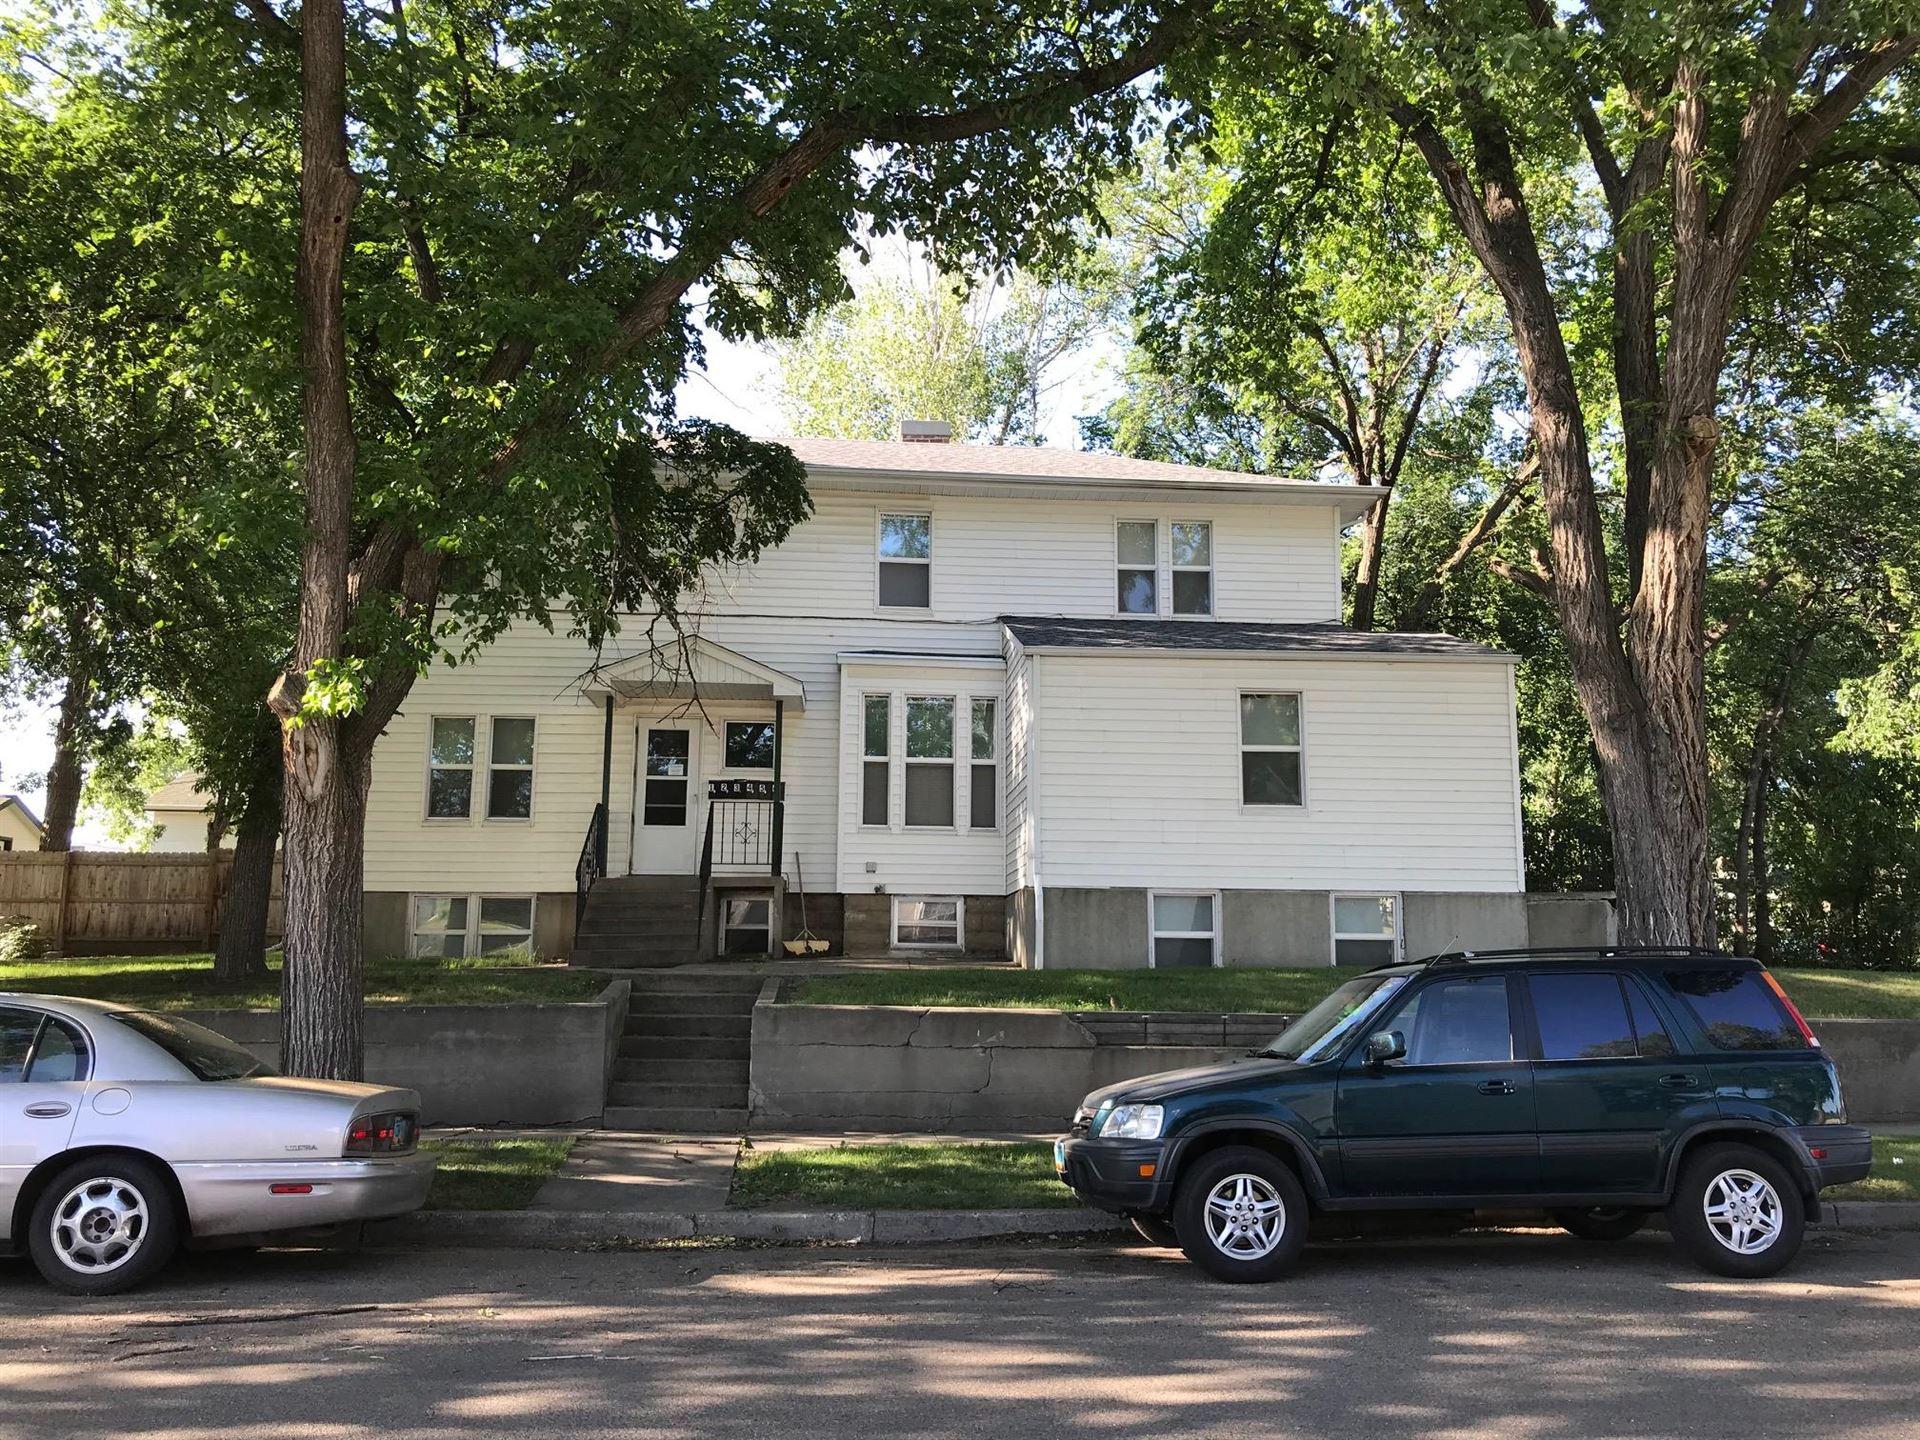 1002 N 4th Street, Bismarck, ND 58501 - #: 407251